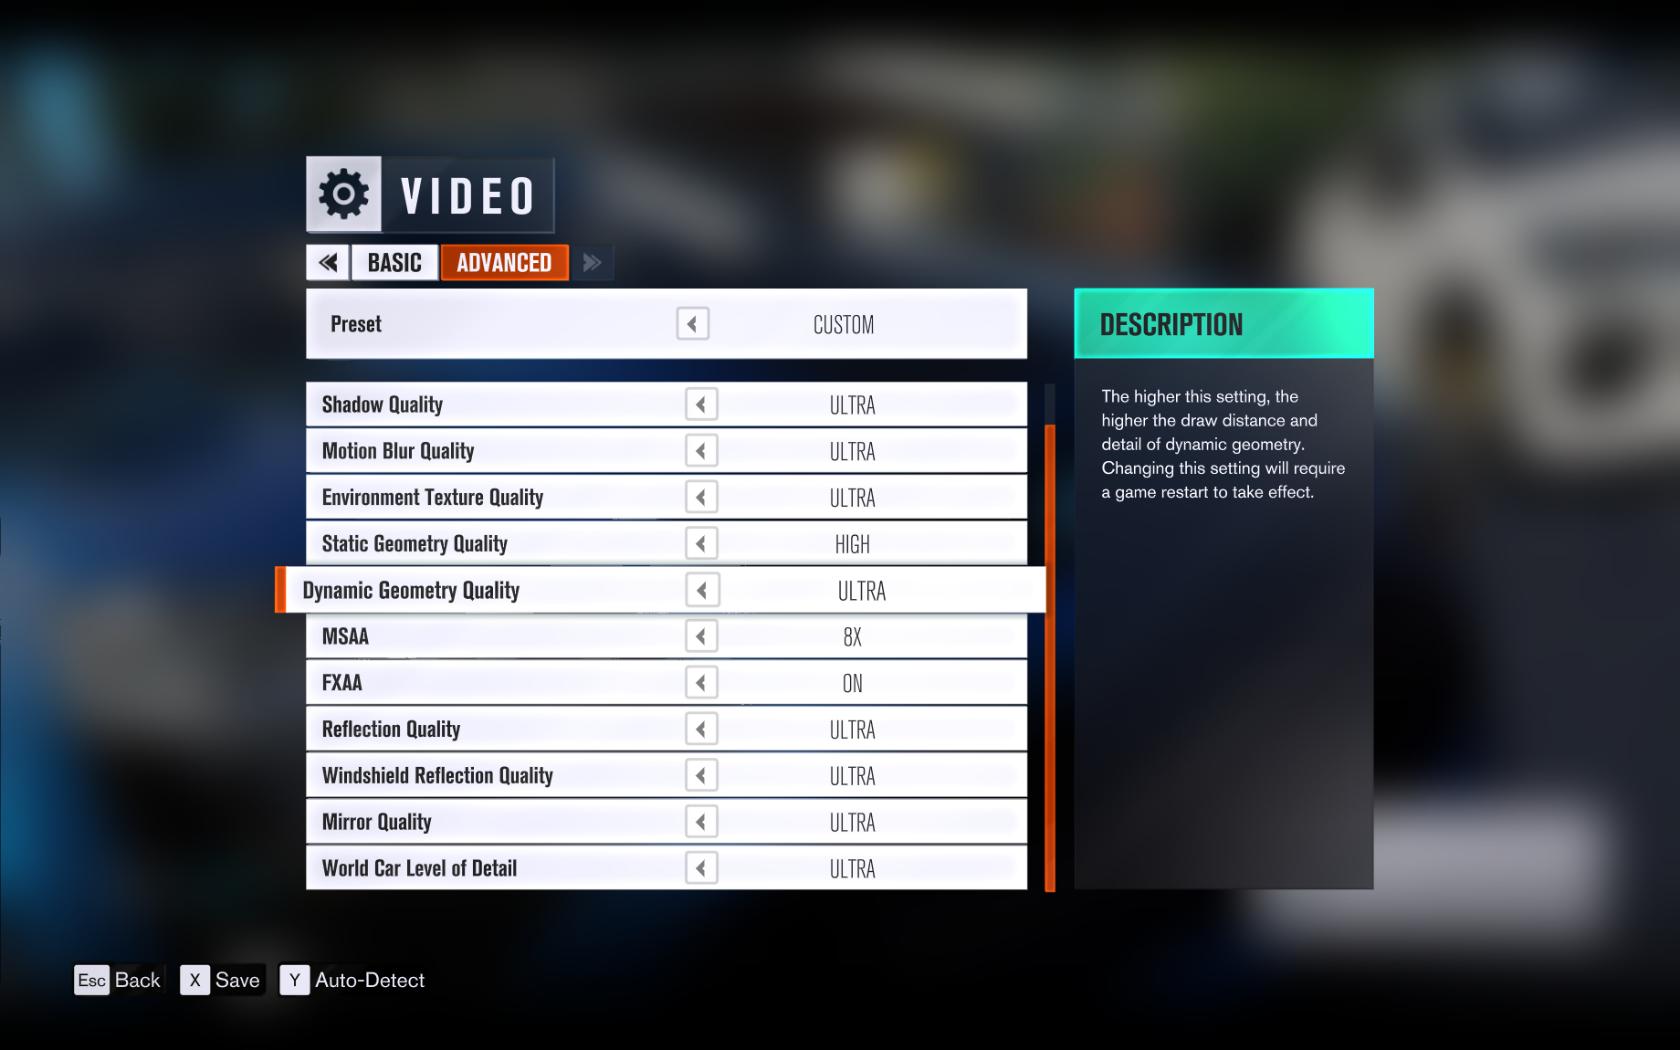 Jak funguje festival rychlosti z Forza Horizon 3 na počítačích? 131205